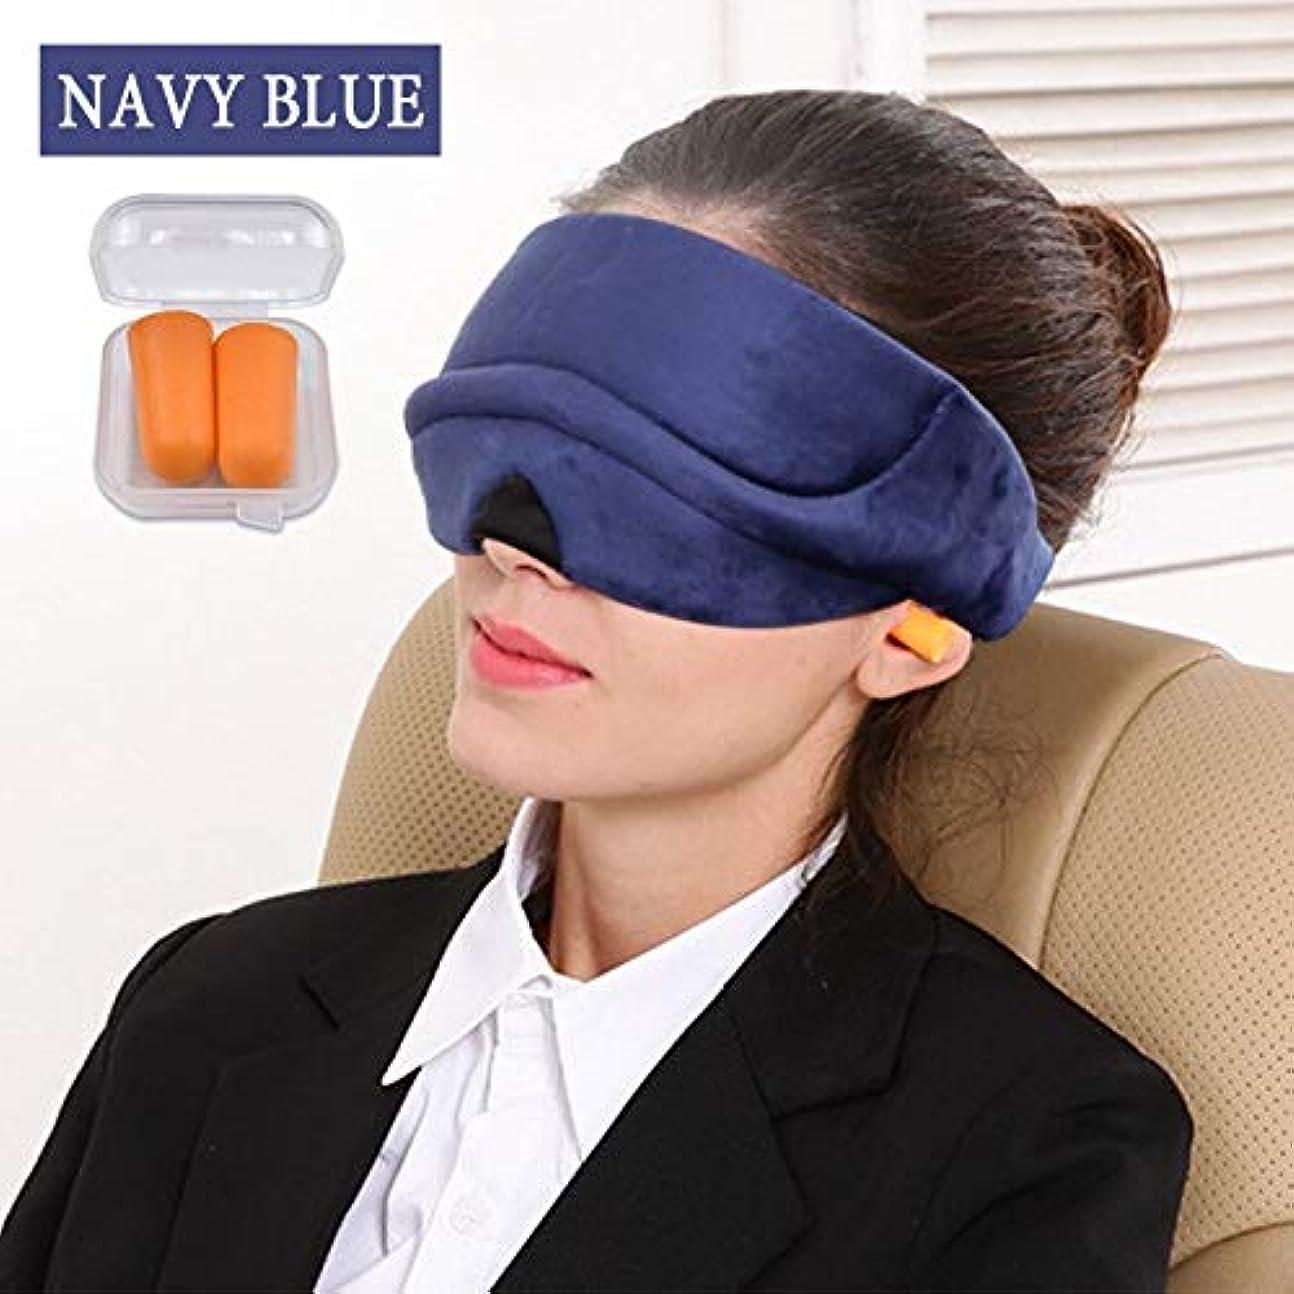 チャンス教会人種NOTE 4色3d睡眠アイマスク用オフィス屋外旅行リラックス補助睡眠睡眠シェードソフト通気性アイパッチ包帯調節可能